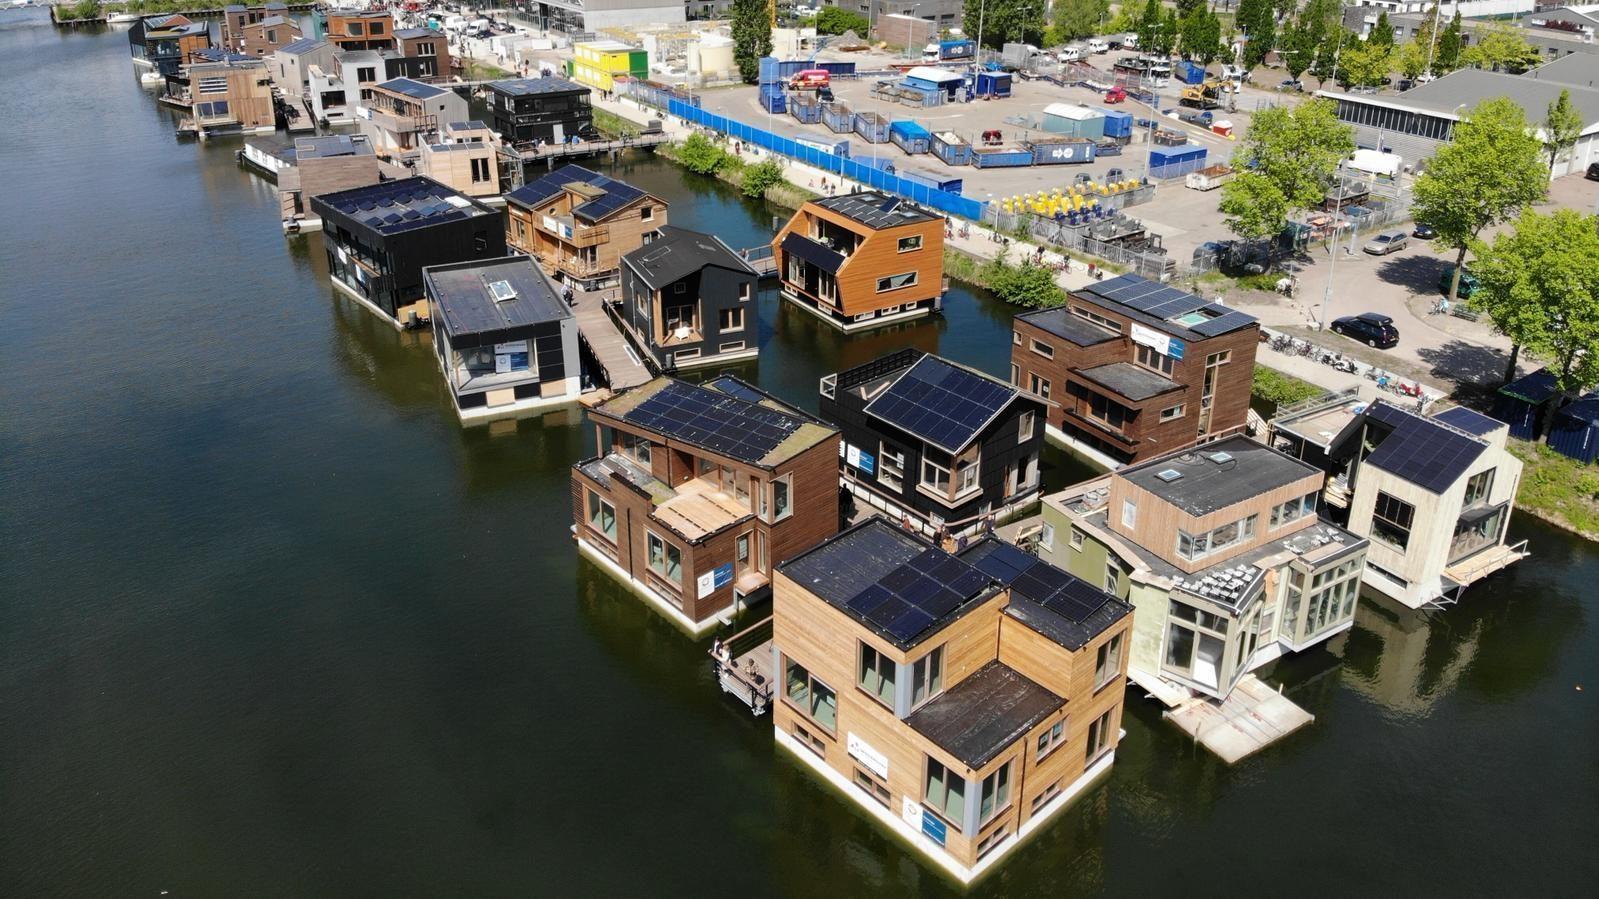 Bovenzicht van de woonboten van de duurzame drijvende wijk Schoonschip